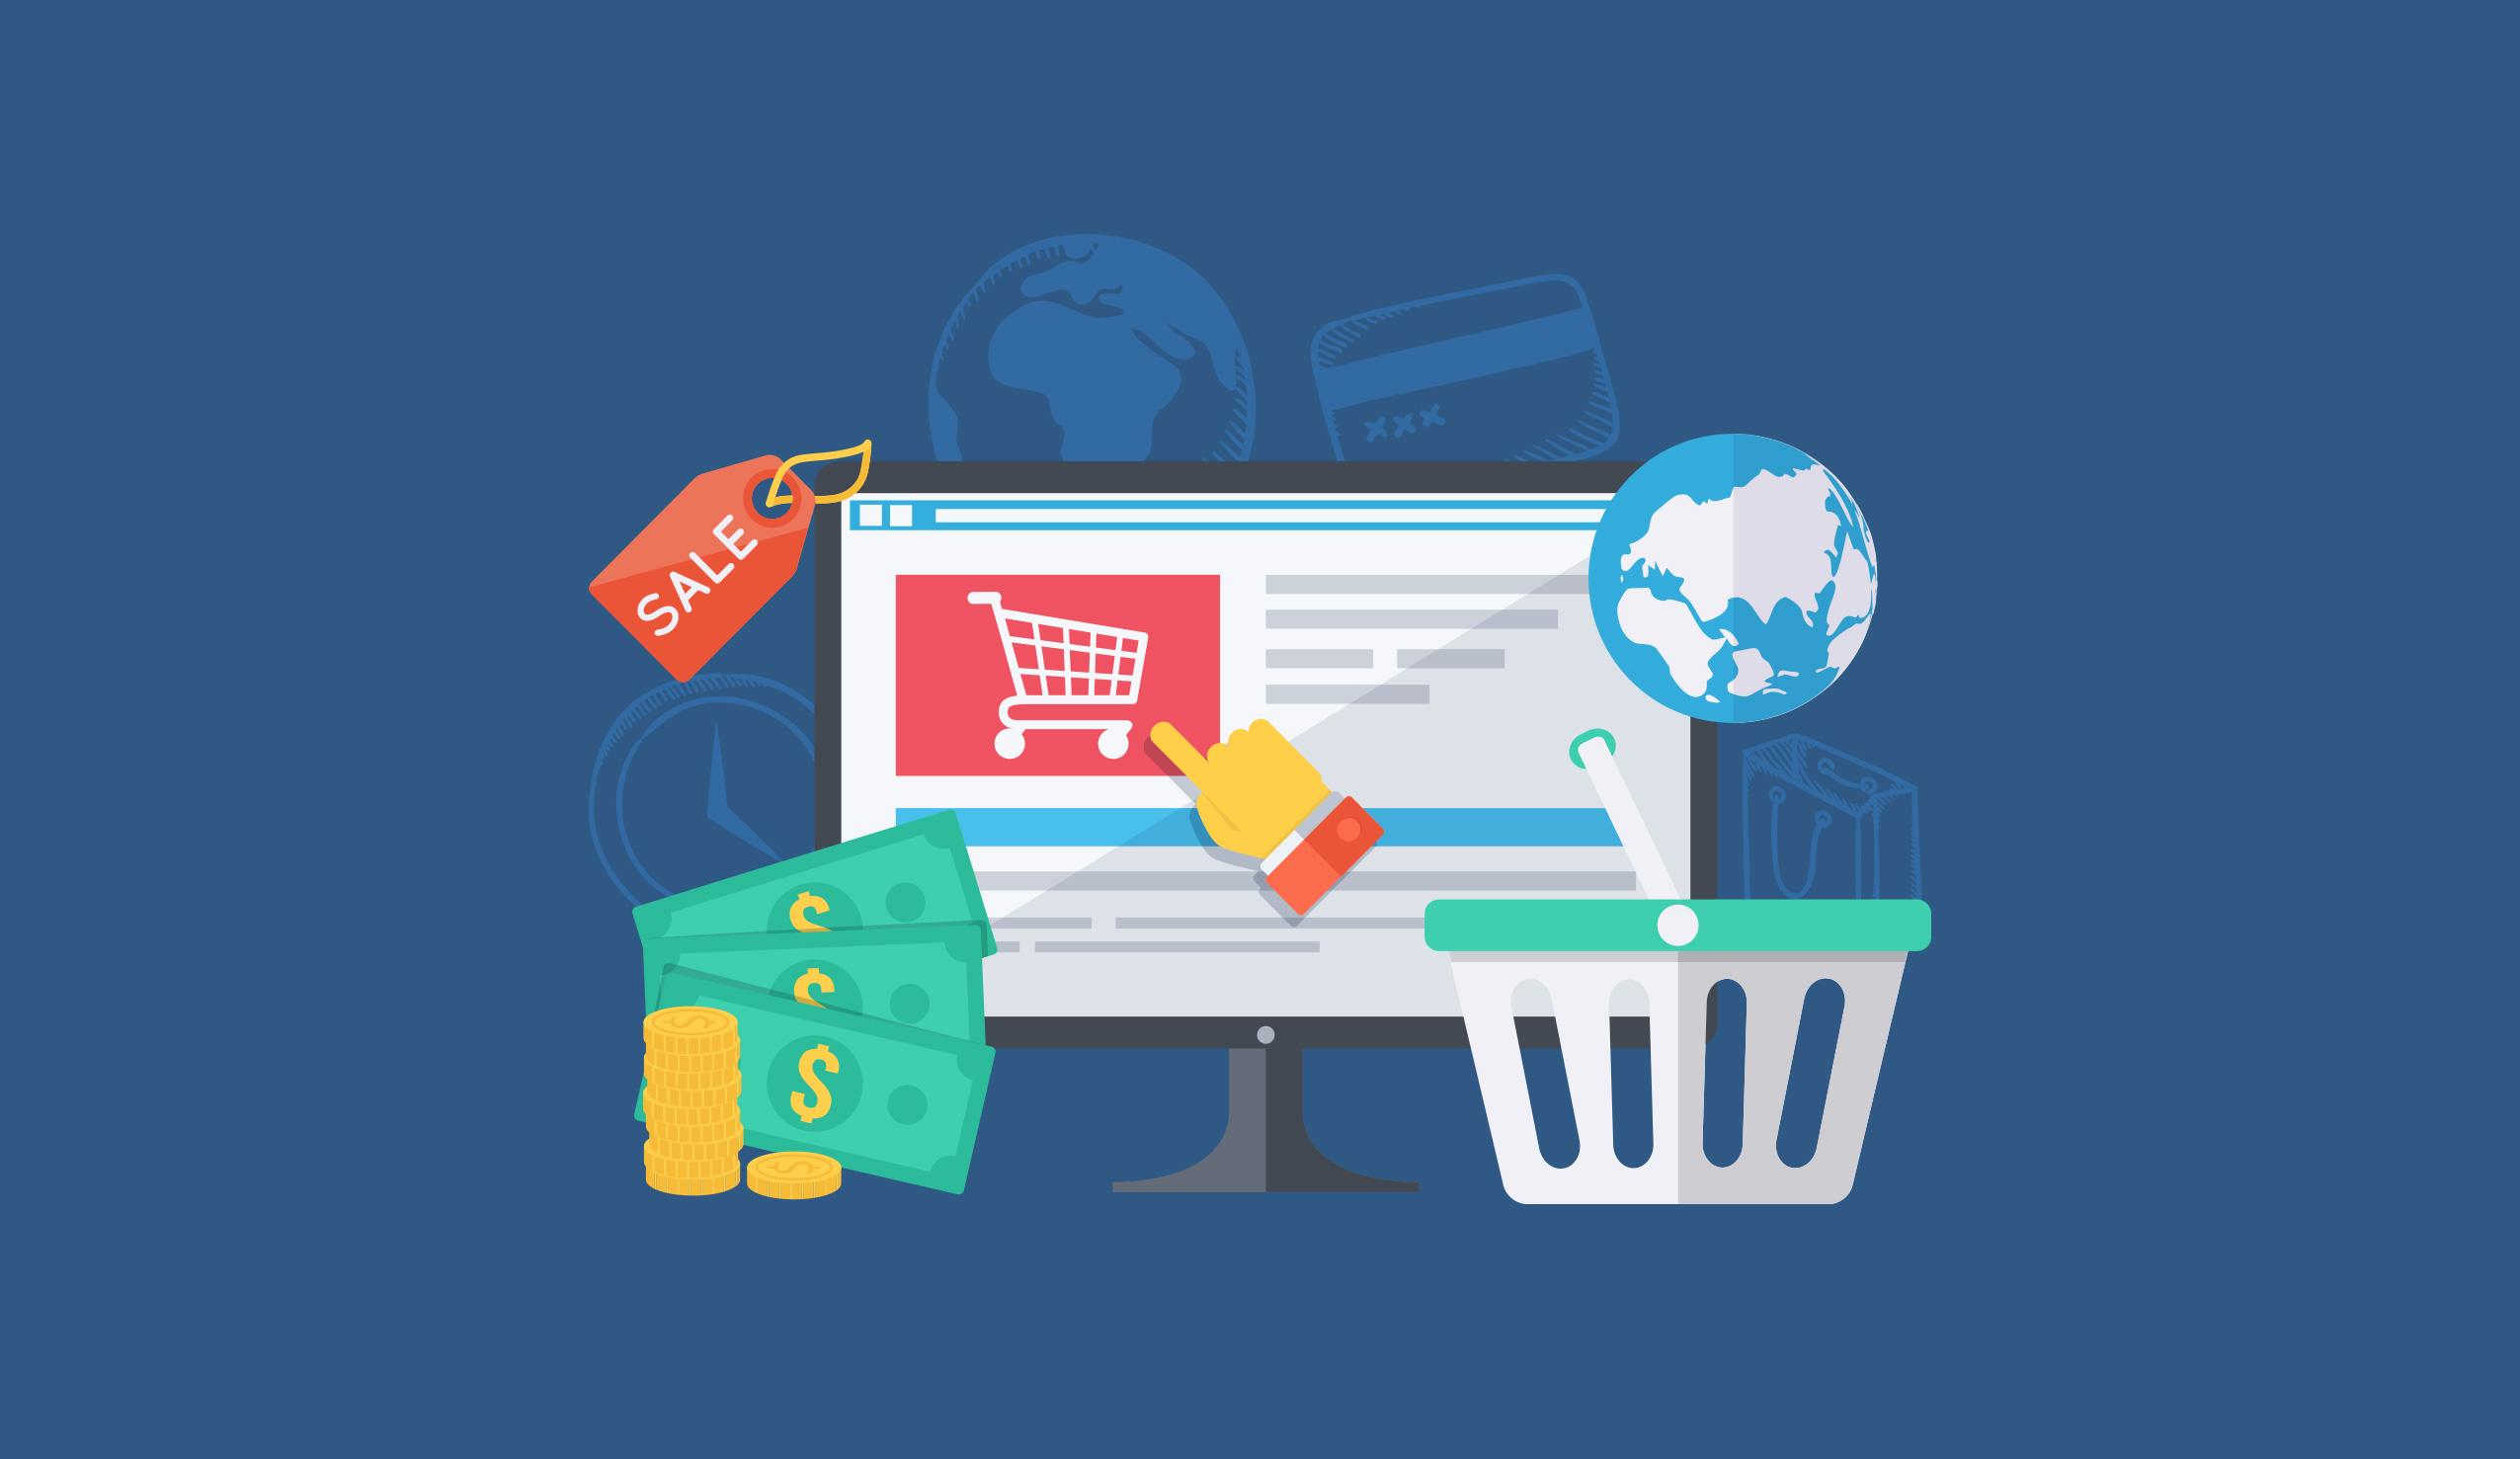 Il problema degli ecommerce con le nuove regole per le transazioni